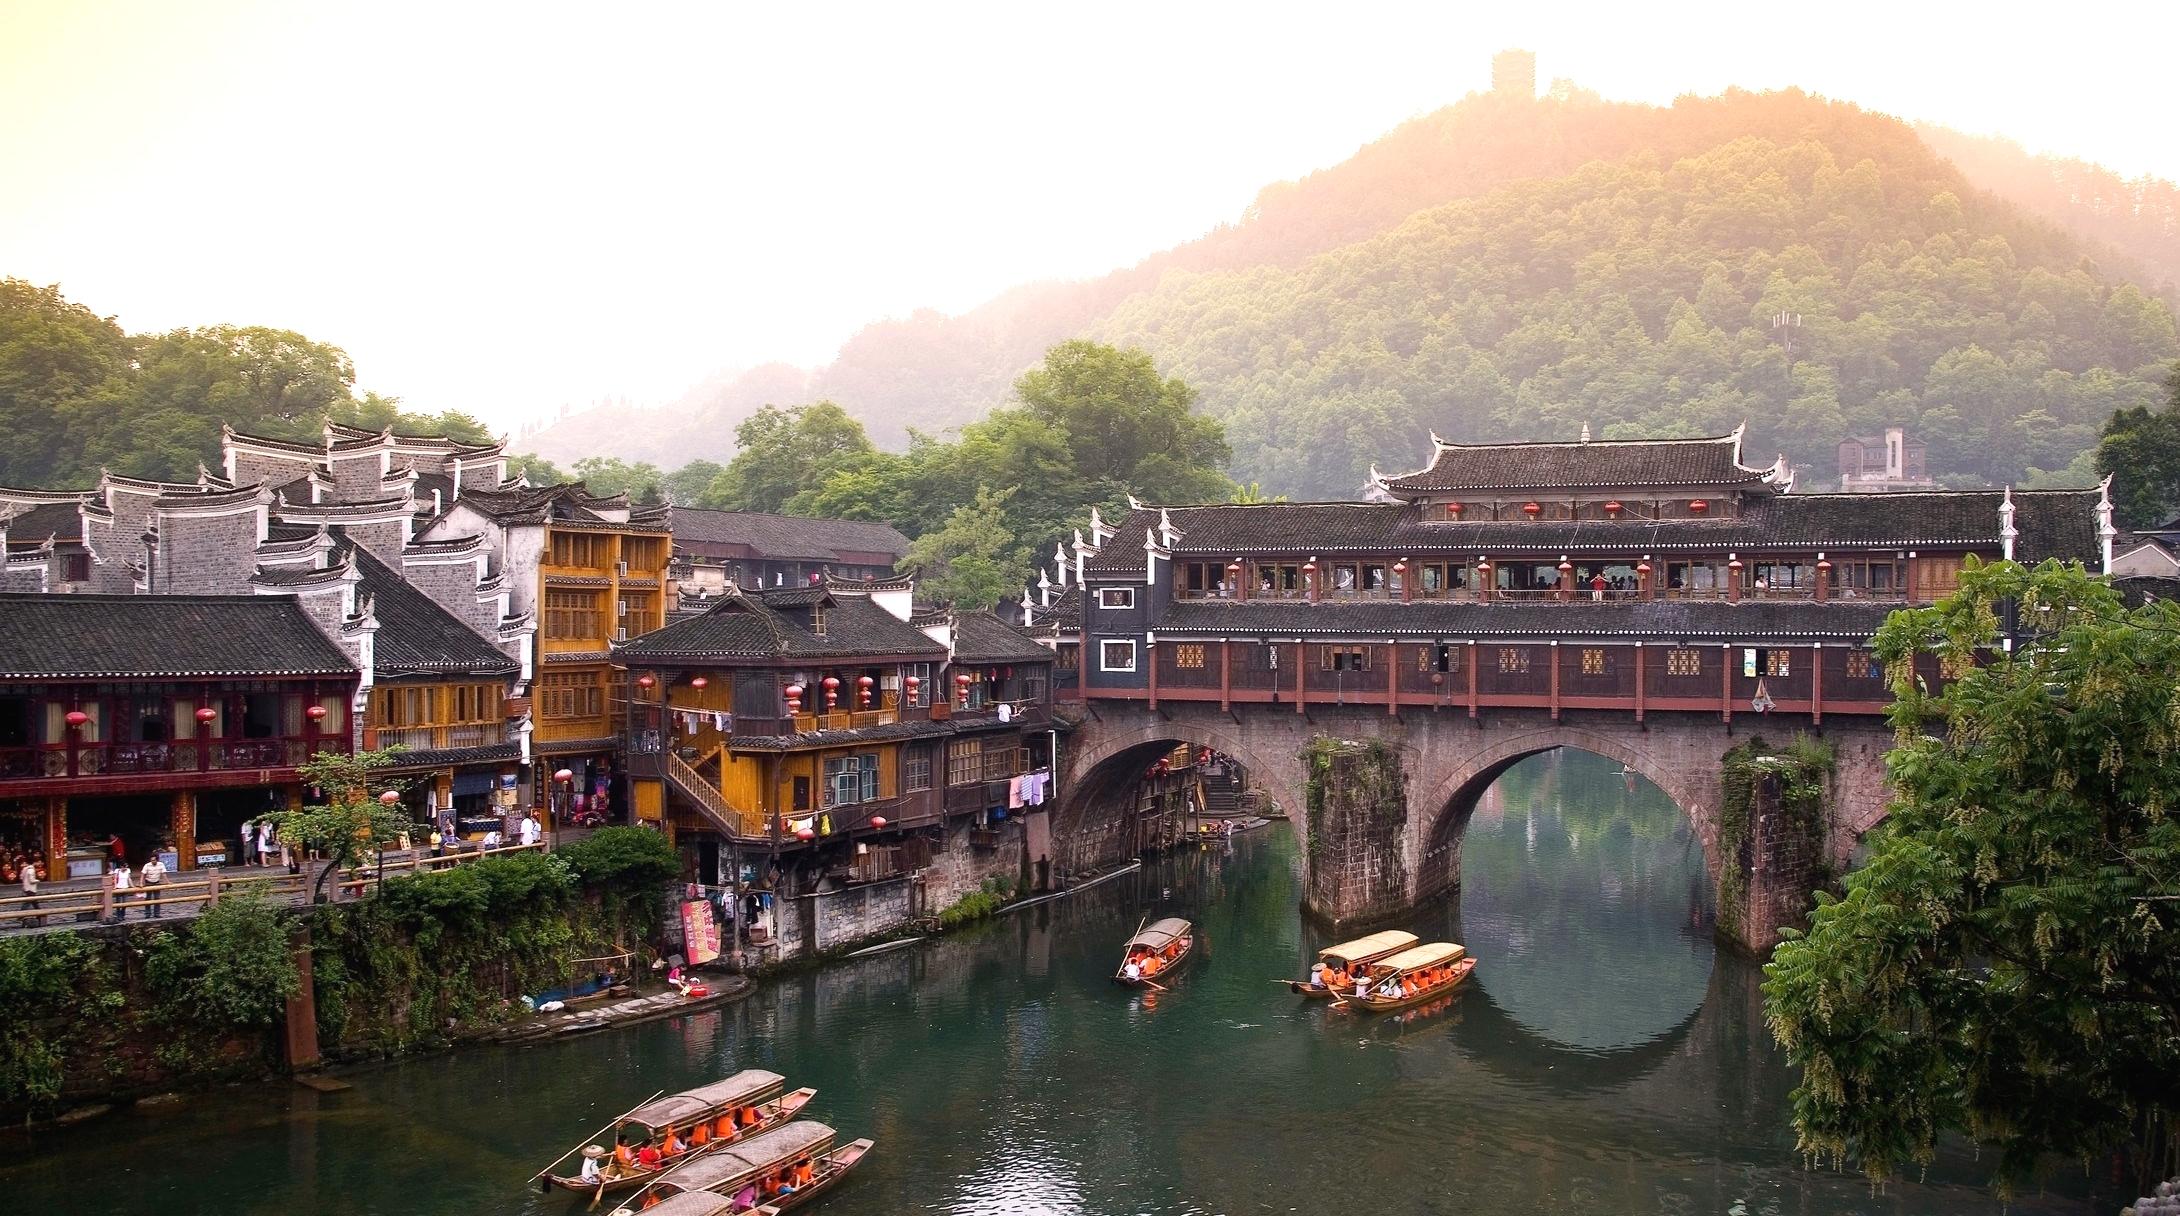 Du lịch Trung Quốc: Trương Gia Giới – Phượng Hoàng Cổ Trấn 6 ngày